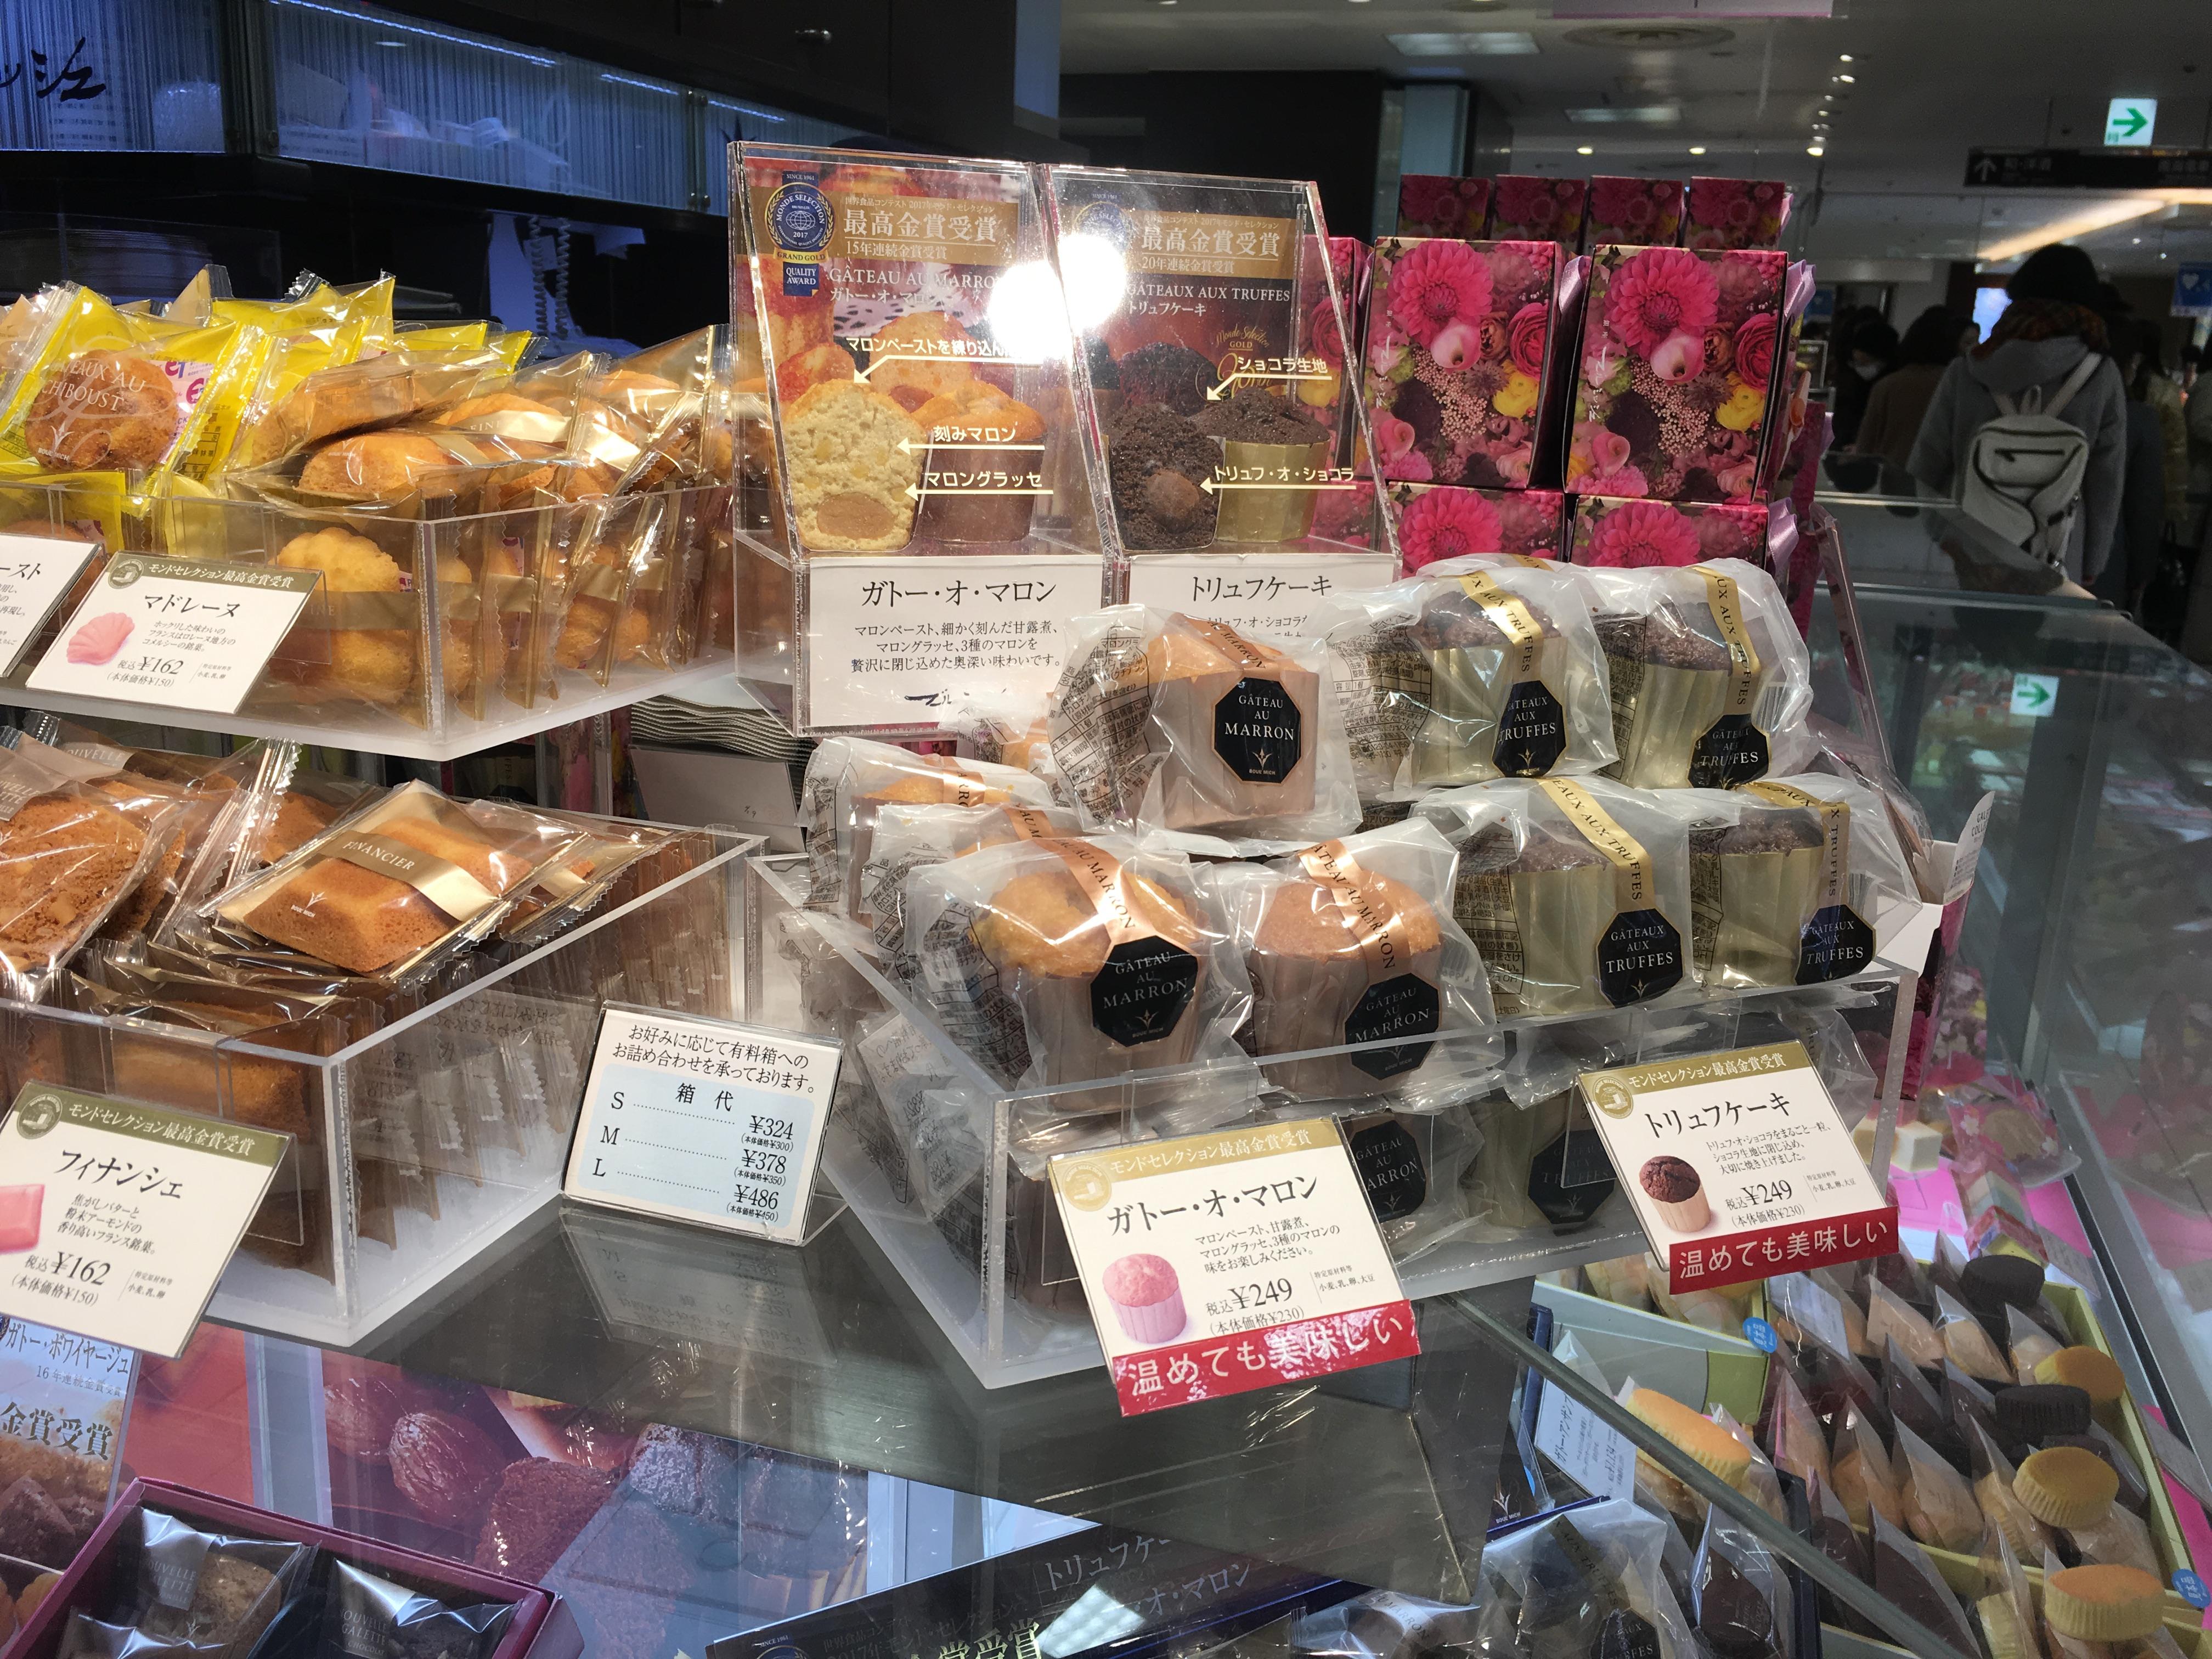 【レビュー】ブールミッシュを食べた感想。おすすめスイーツ味と料金